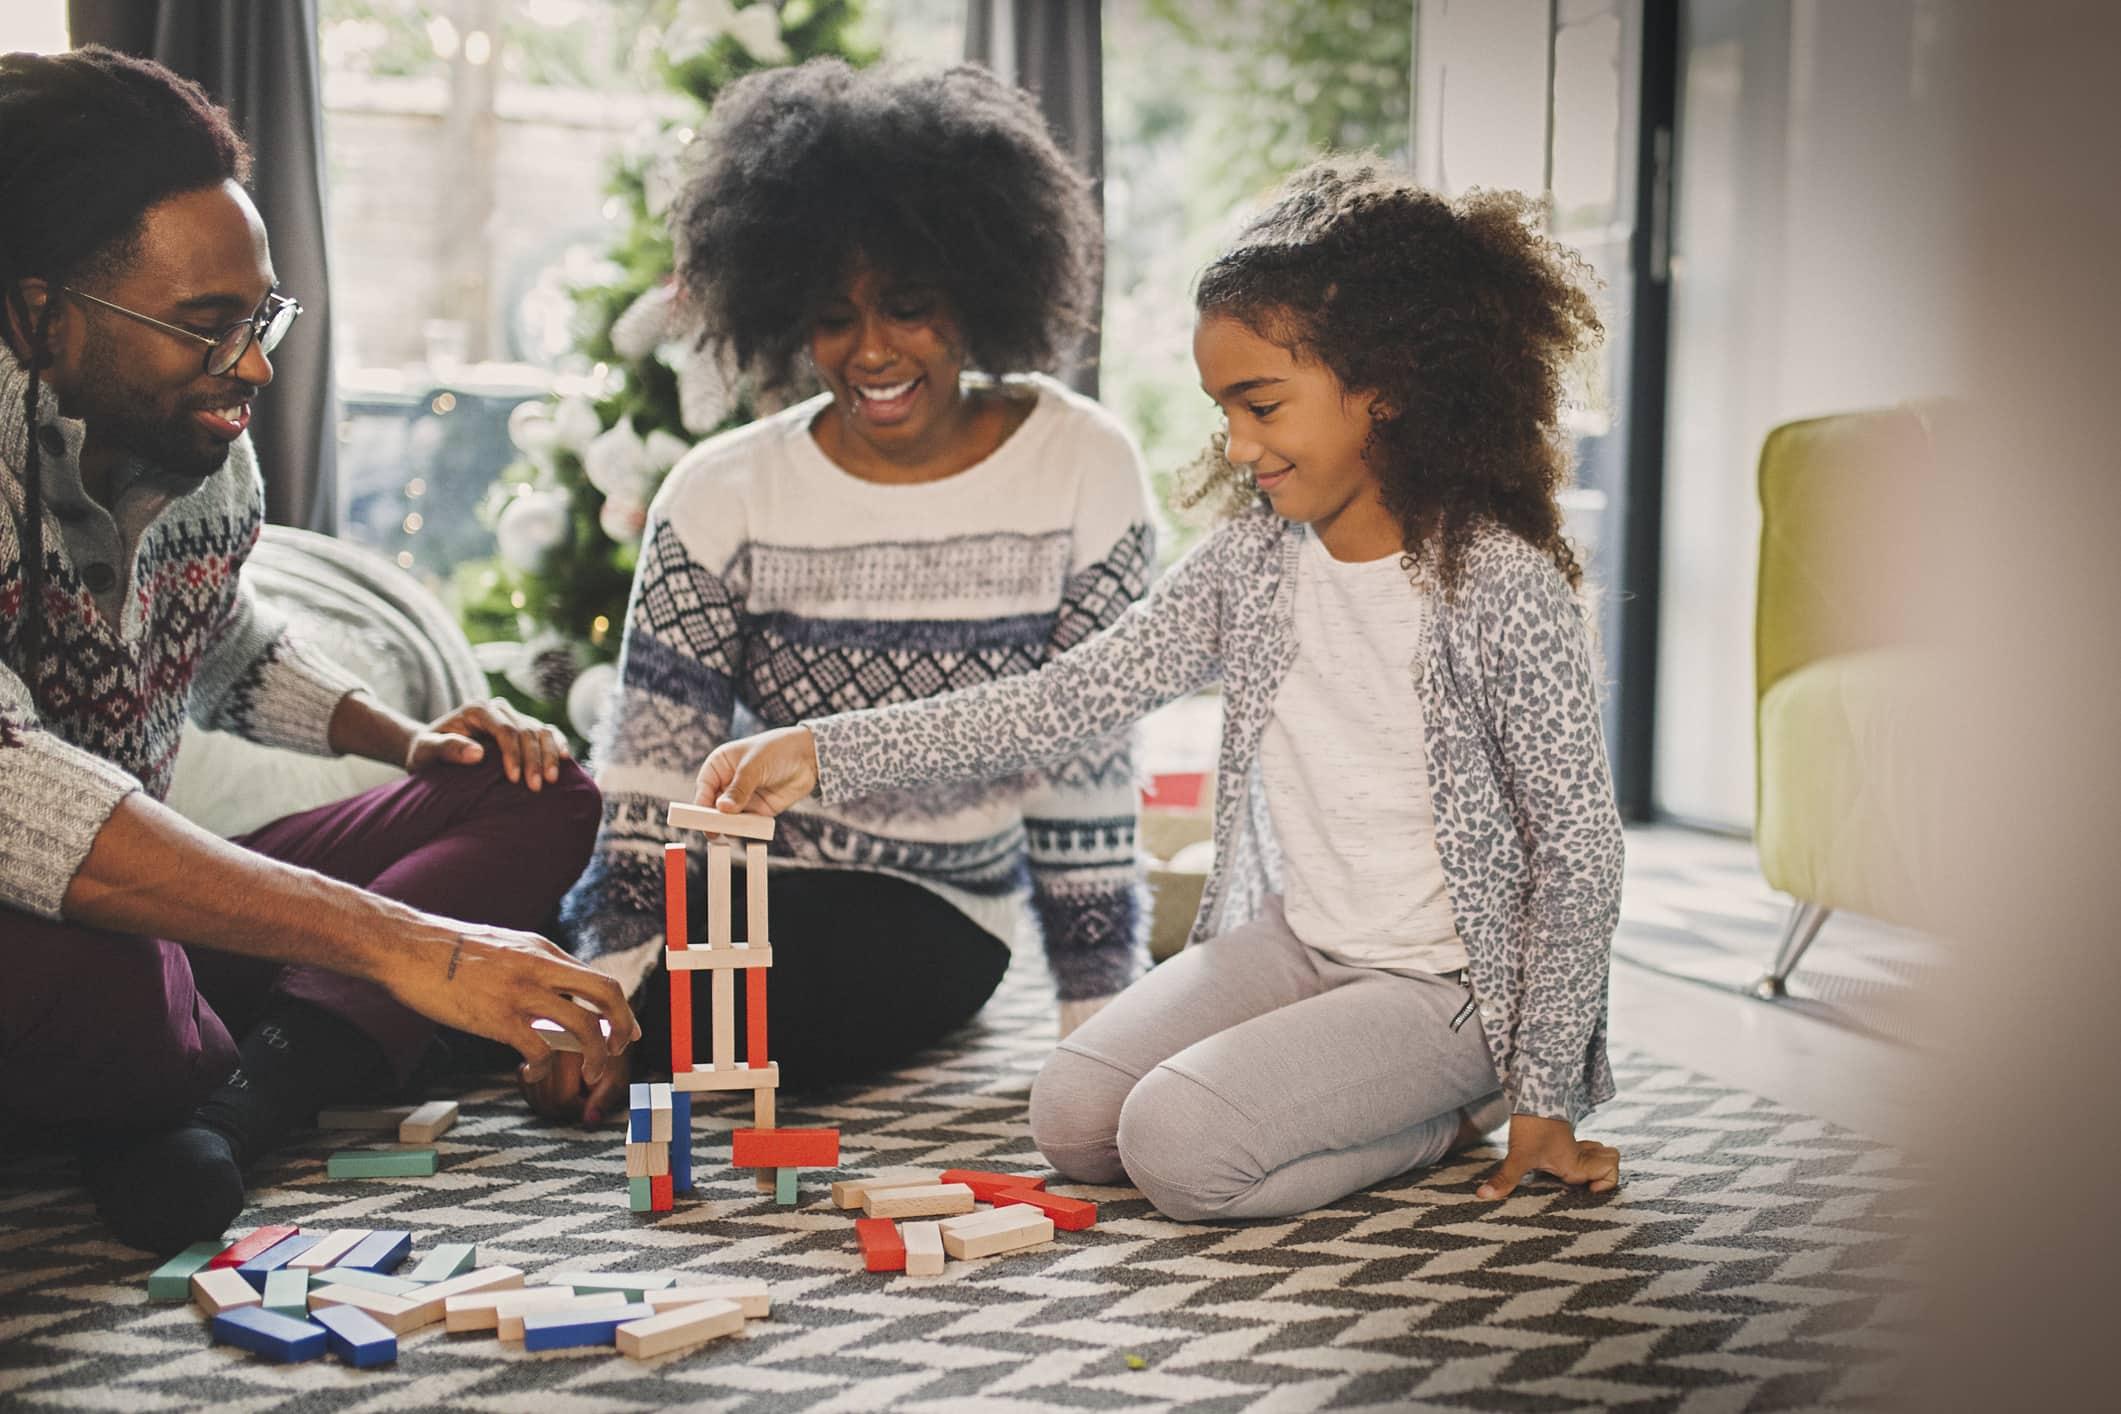 Familie die samen een spel speelt op de vloer van de woonkamer.